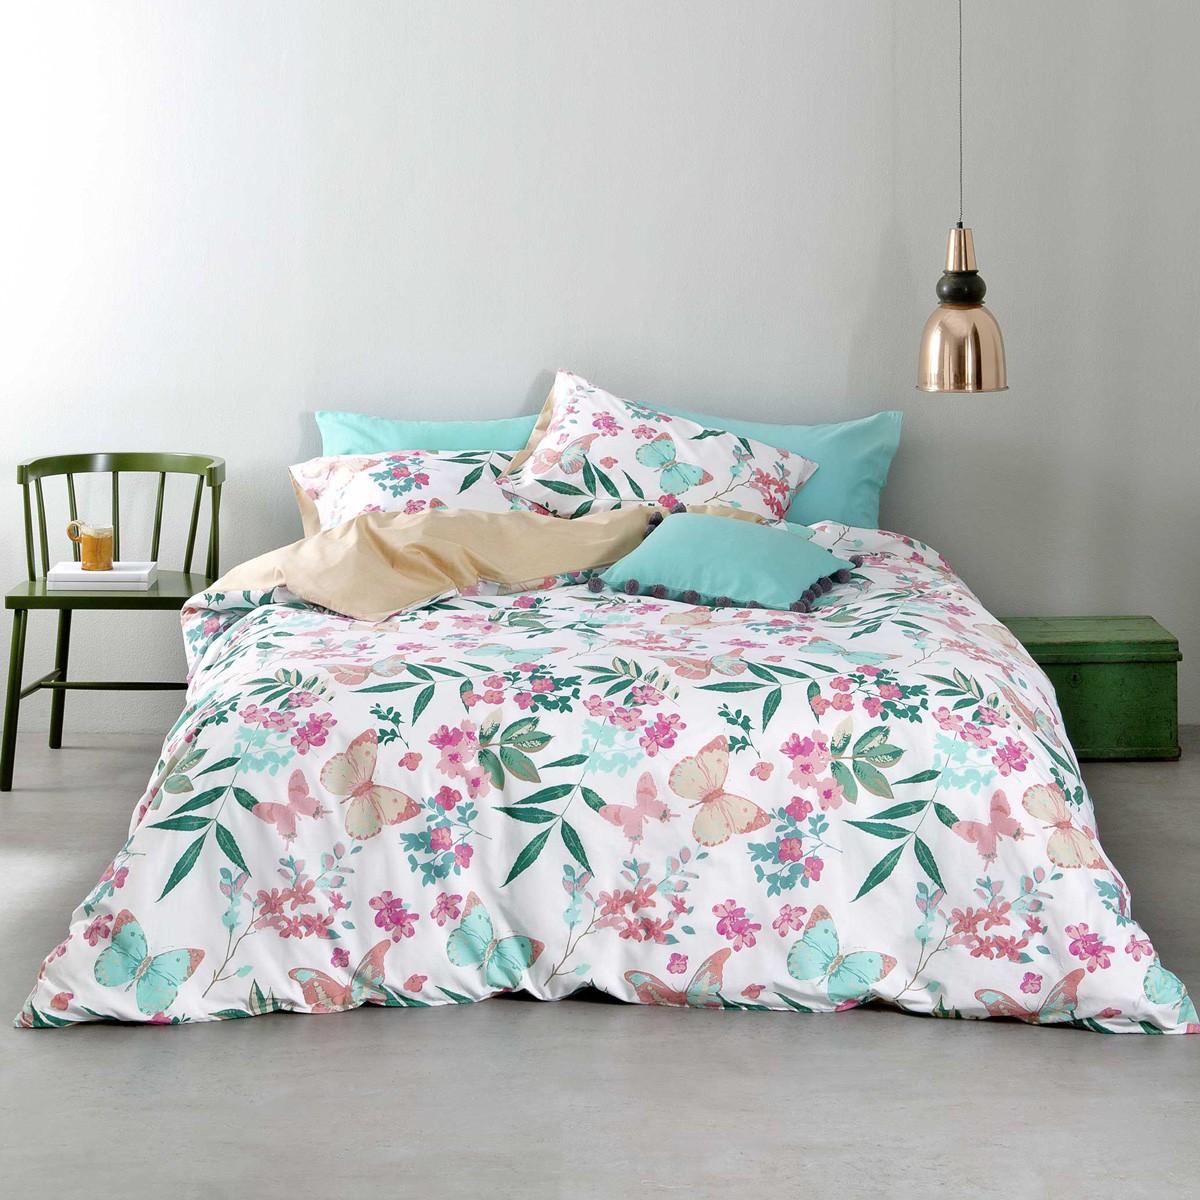 Σεντόνια Μονά (Σετ) Nima Bed Linen Tahiti Pink ΧΩΡΙΣ ΛΑΣΤΙΧΟ ΧΩΡΙΣ ΛΑΣΤΙΧΟ